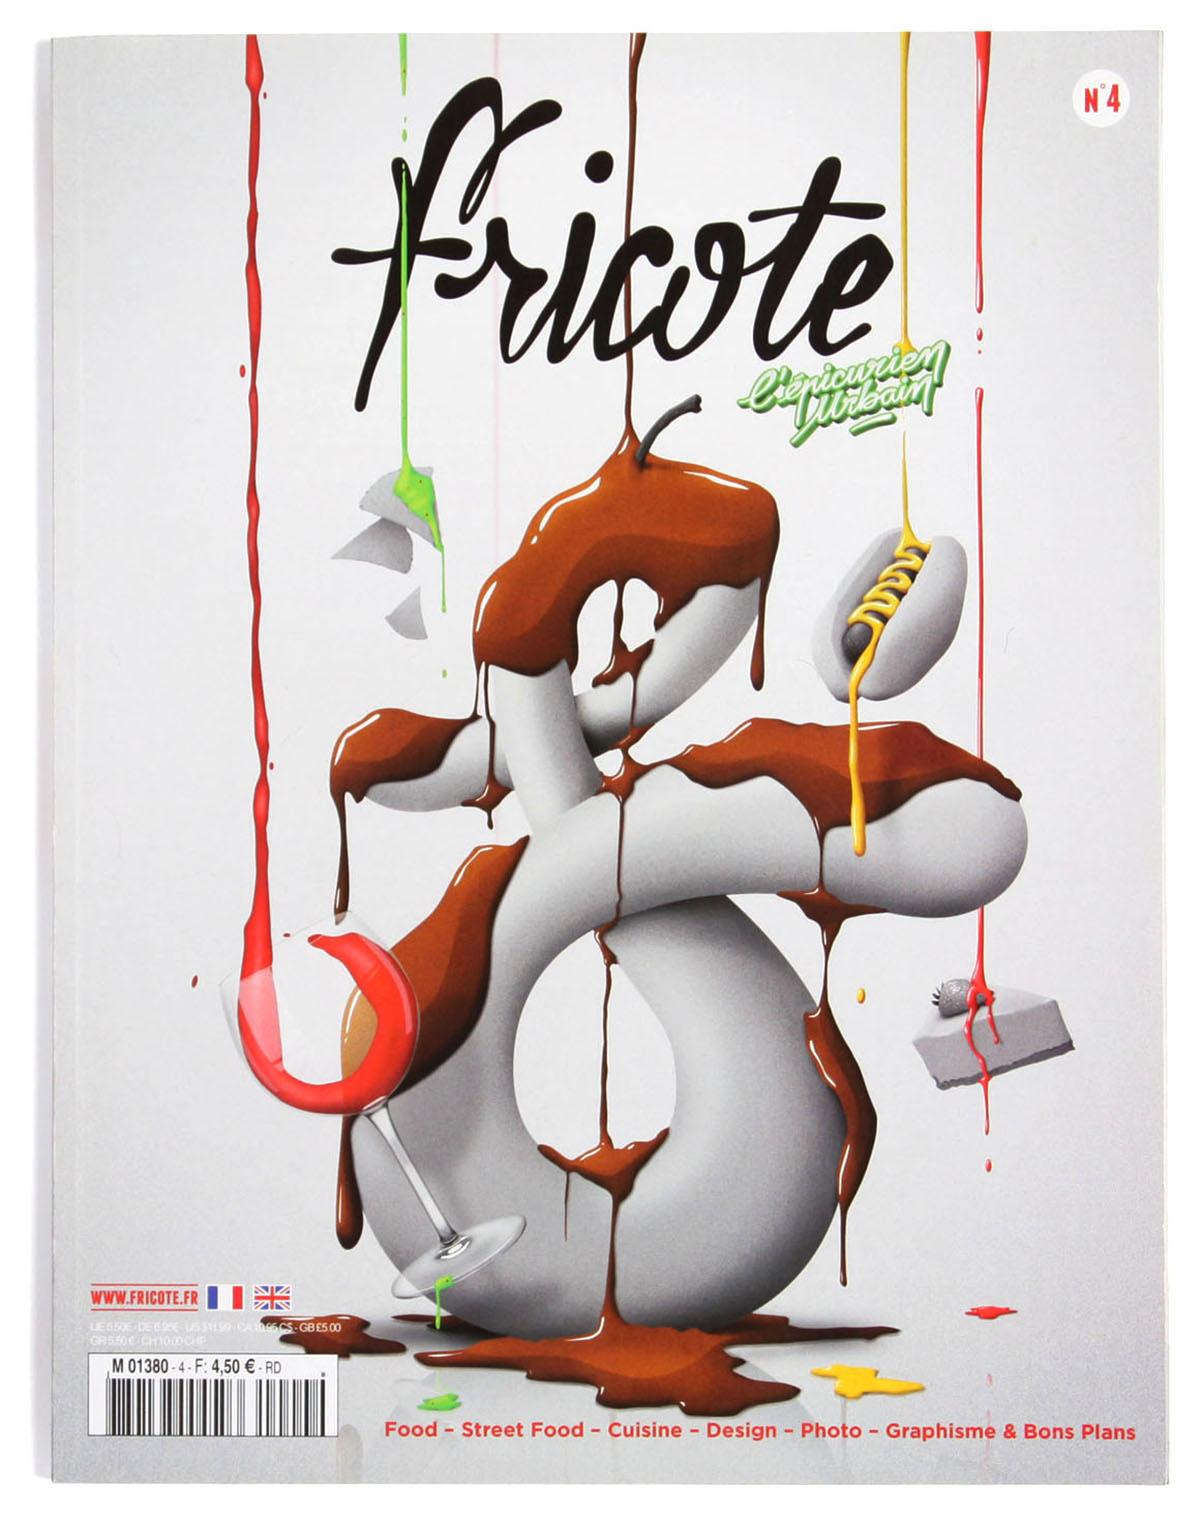 FRICOTE00+